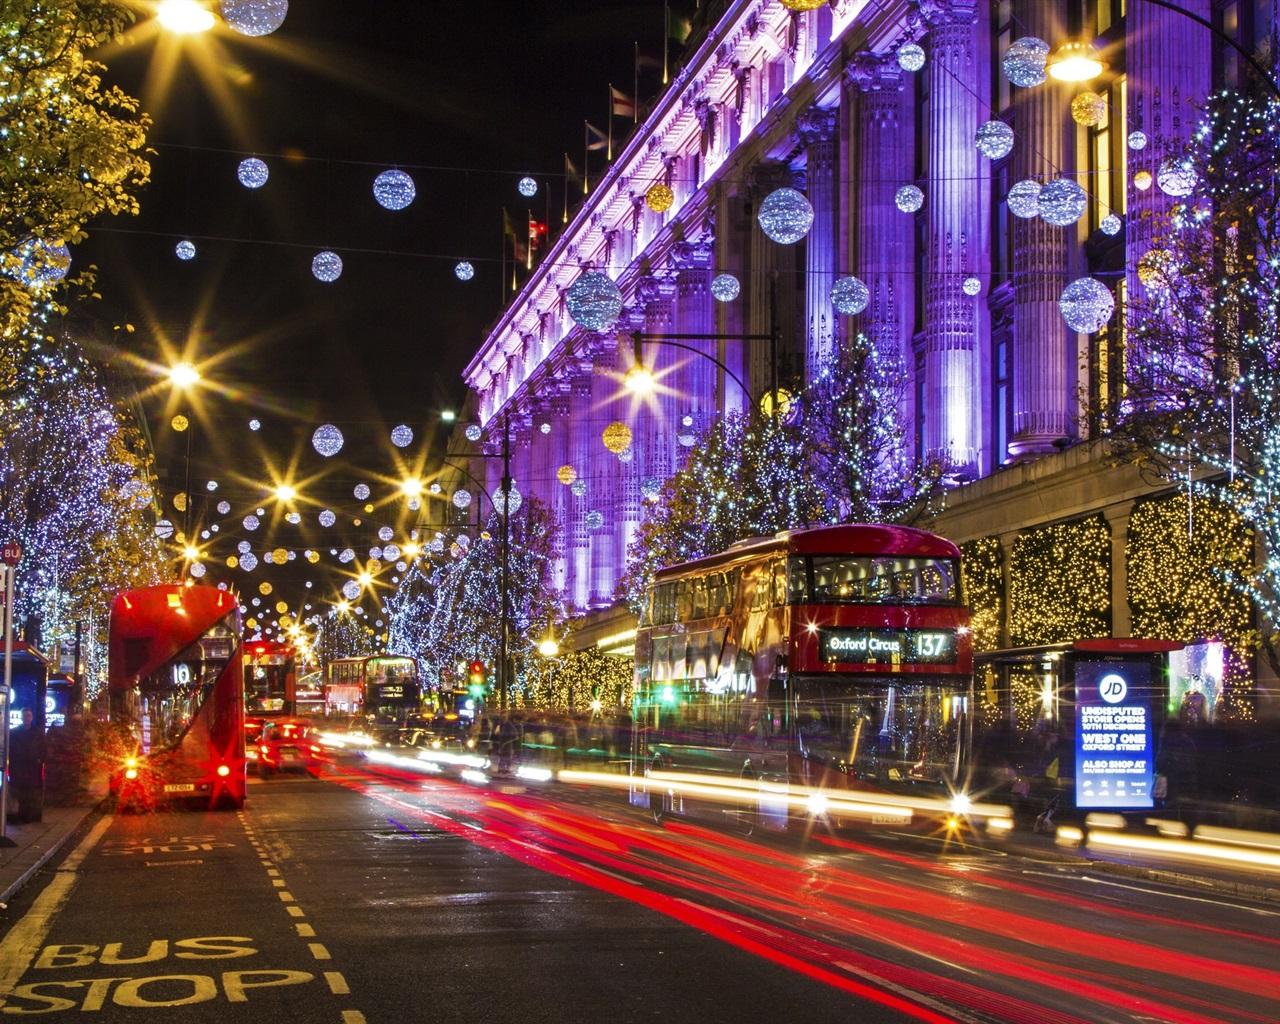 배경 화면 런던 영국 도시 거리 크리스마스 휴일 조명 1920x1200 Hd 그림 이미지